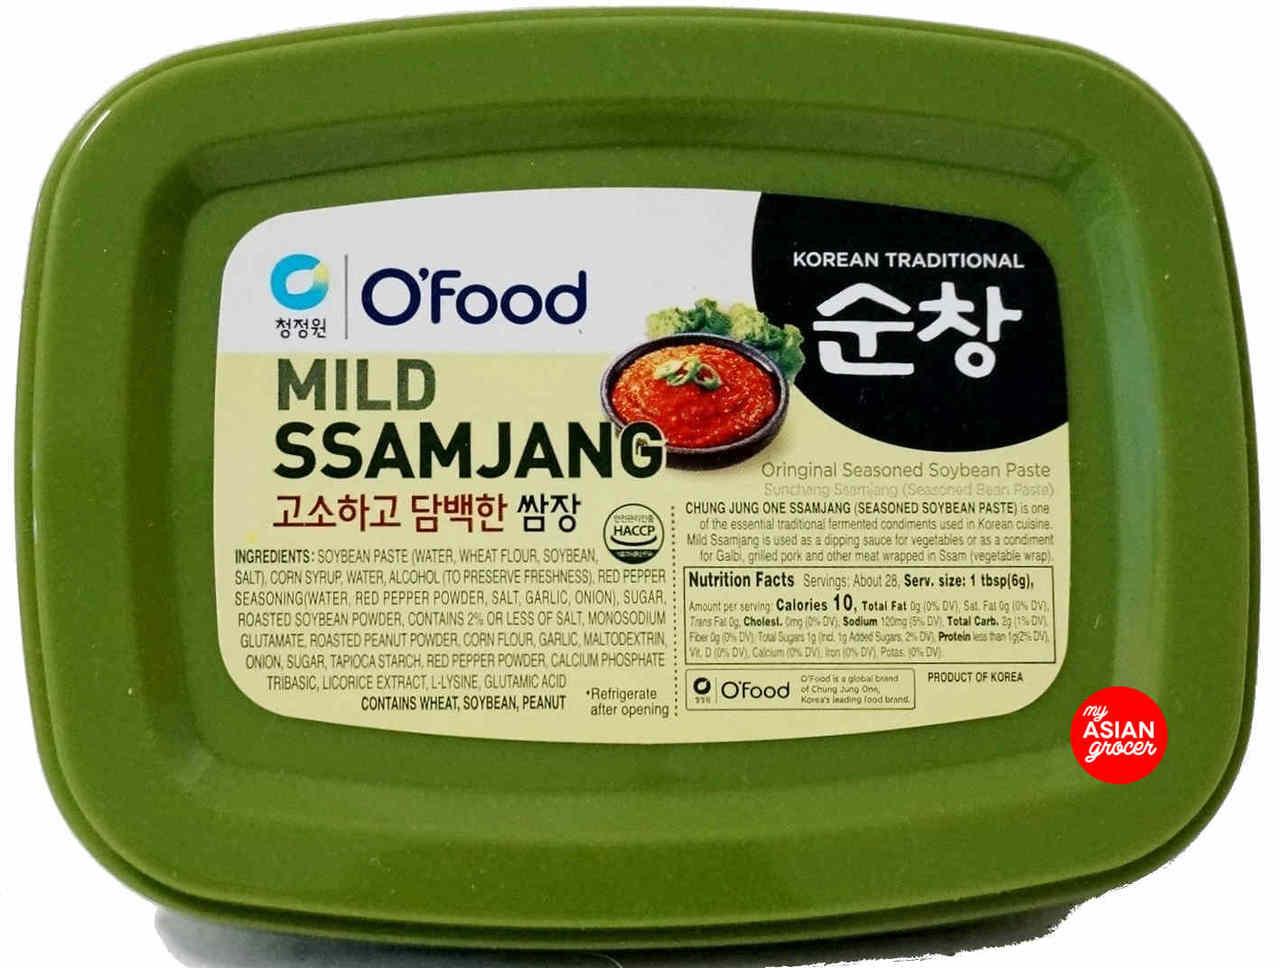 O'Food Mild Ssamjang 170g